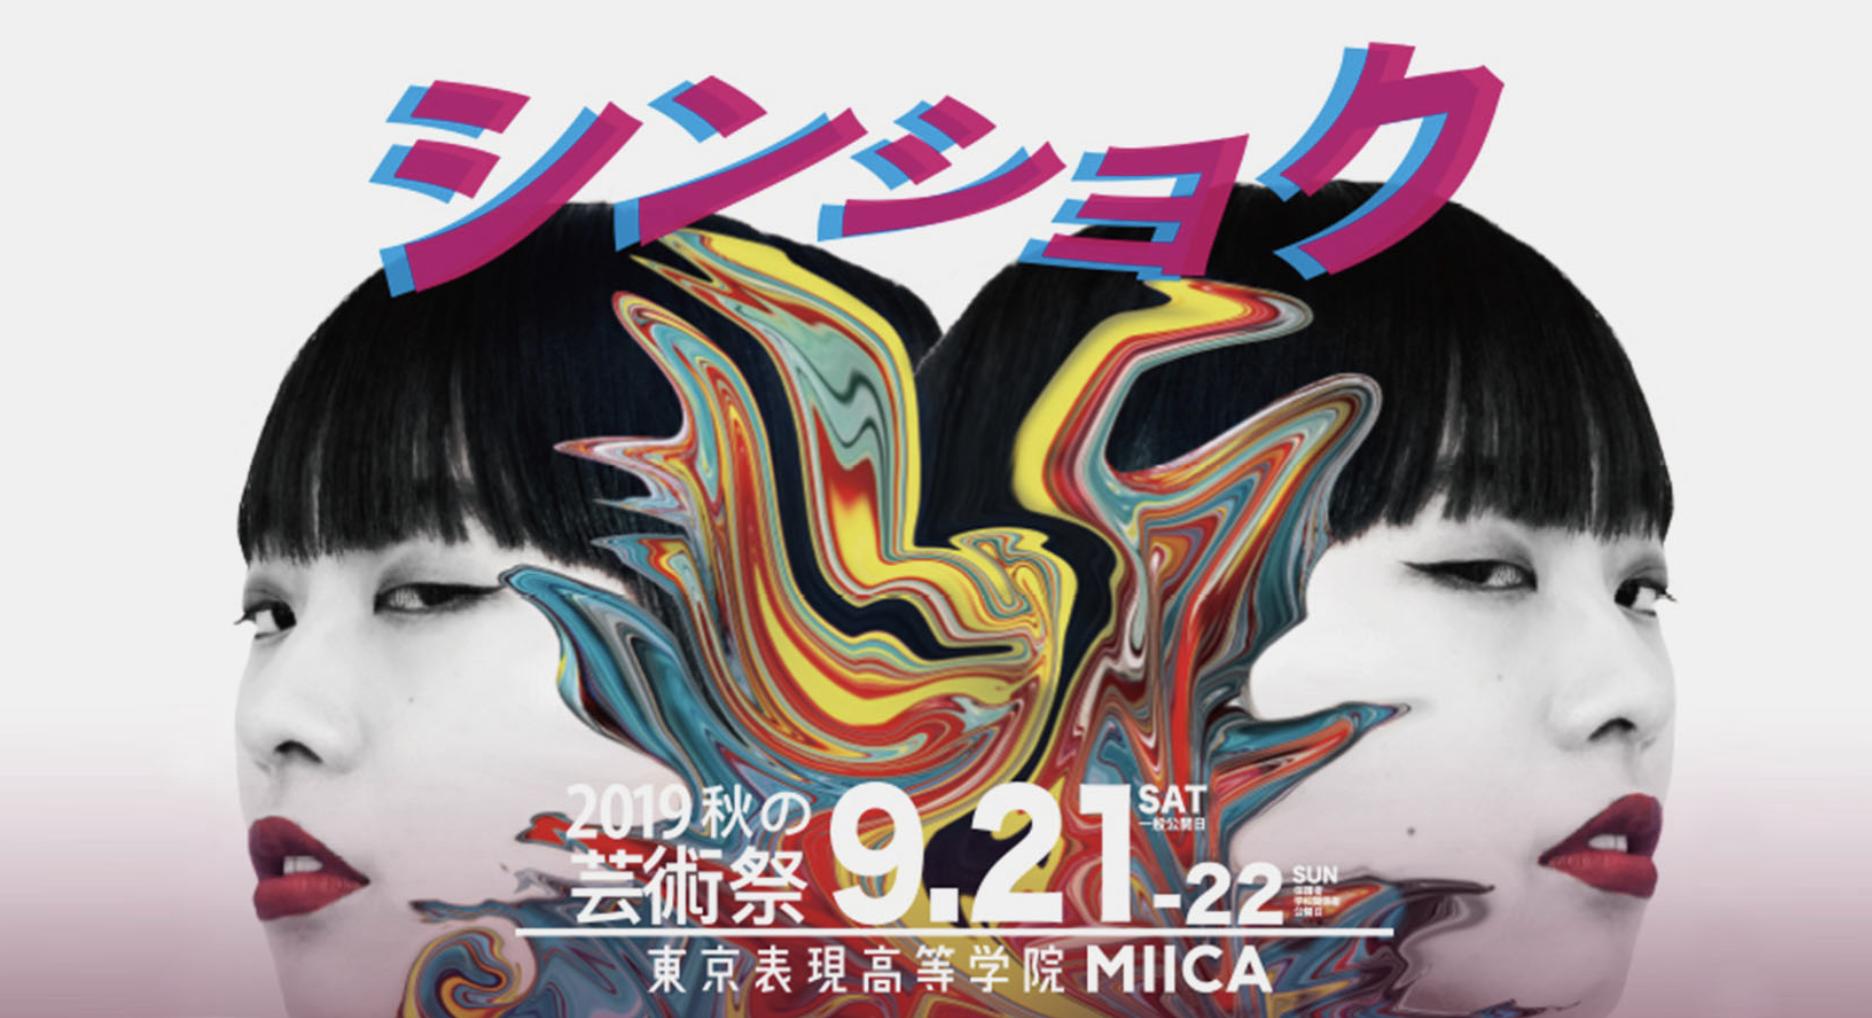 『2019 秋の芸術祭』ランディングページが出来ました。